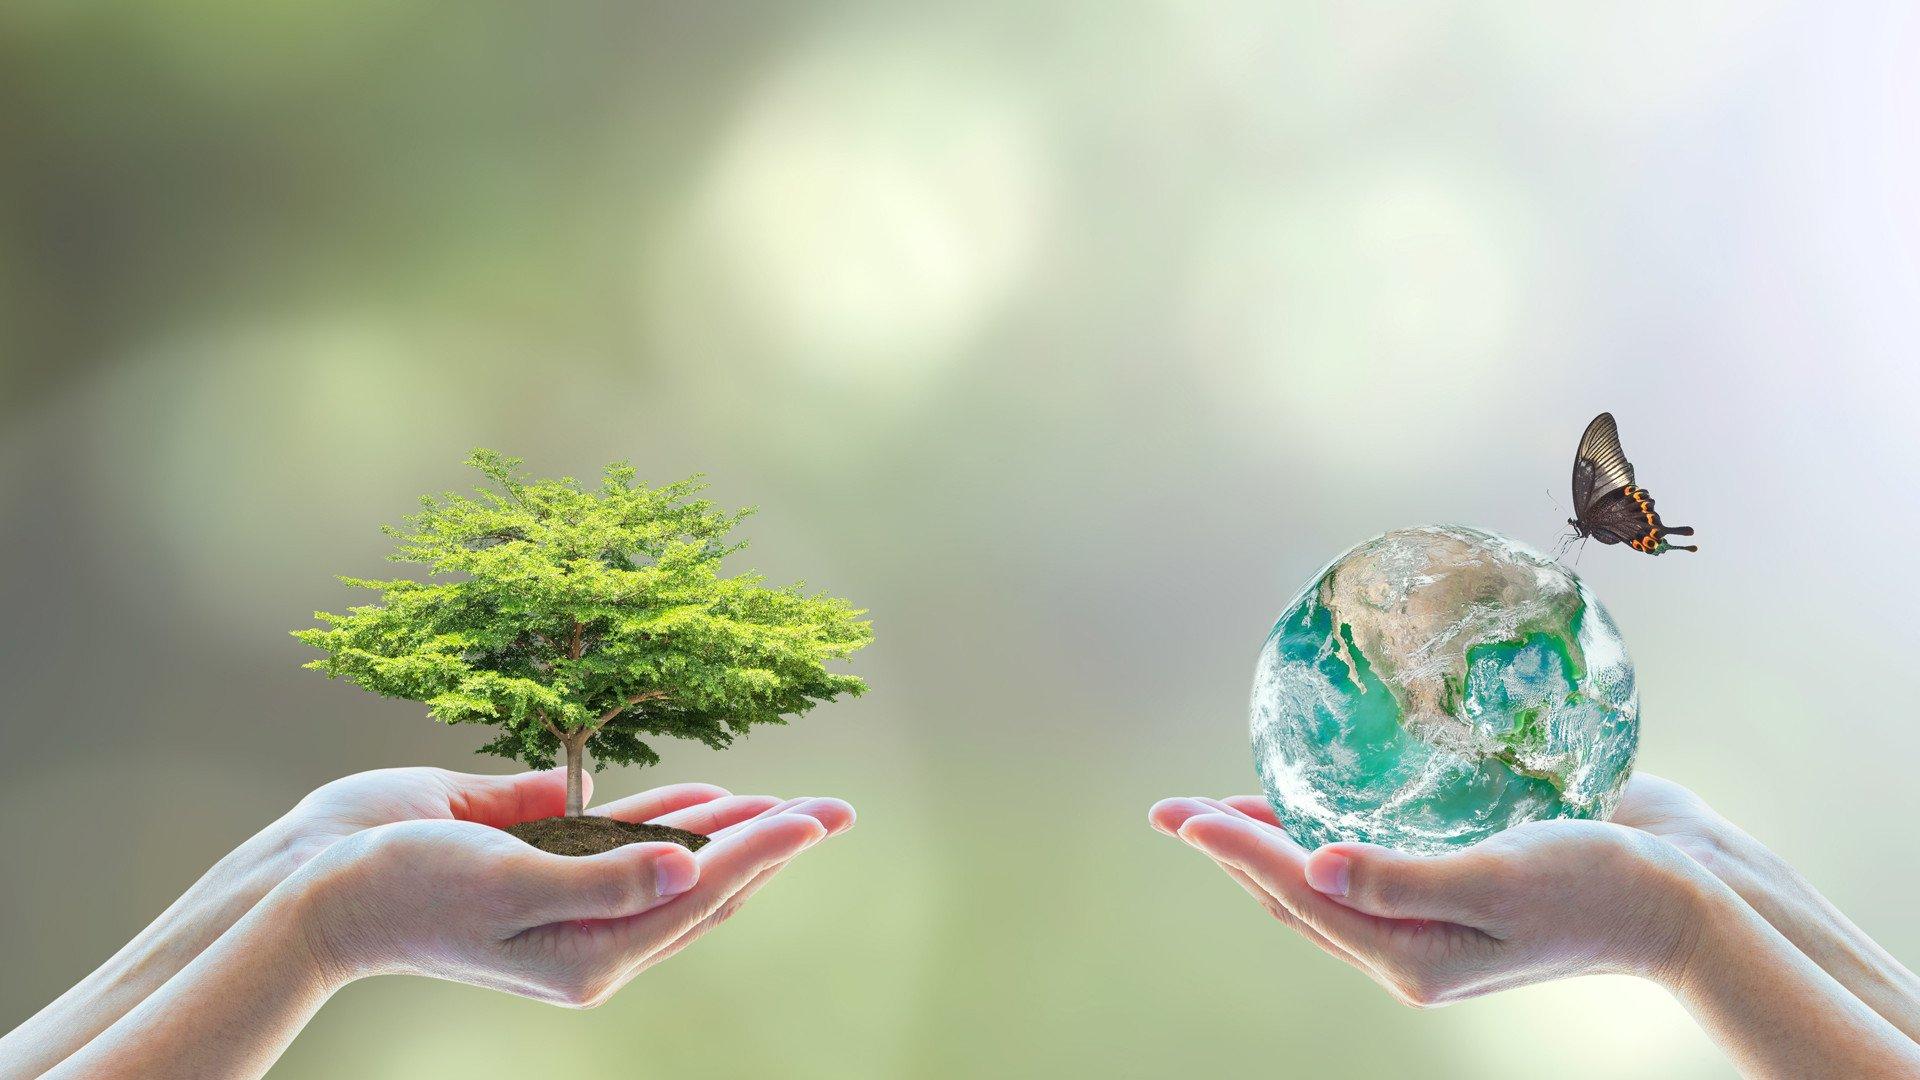 Nachhaltigkeit für die Region und Umwelt